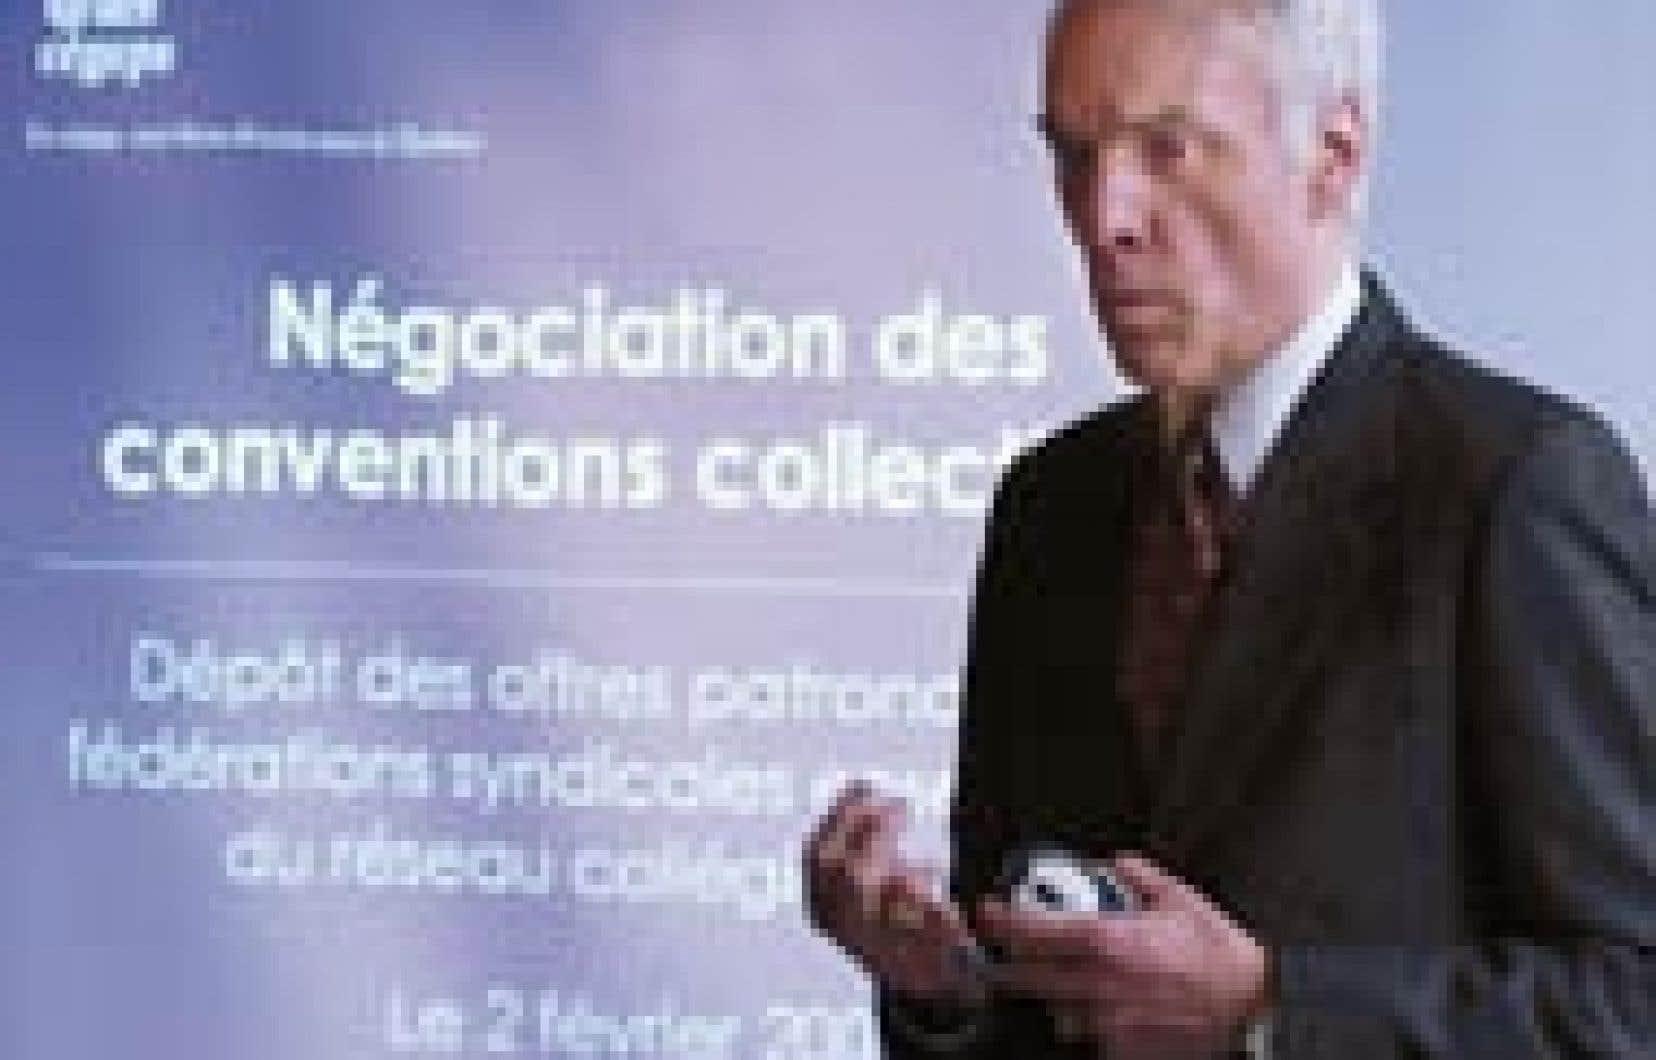 Gaëtan Boucher, président de la Fédération des cégeps, a donné le ton aux négociations qui s'amorcent en réclamant des conventions collectives plus souples.